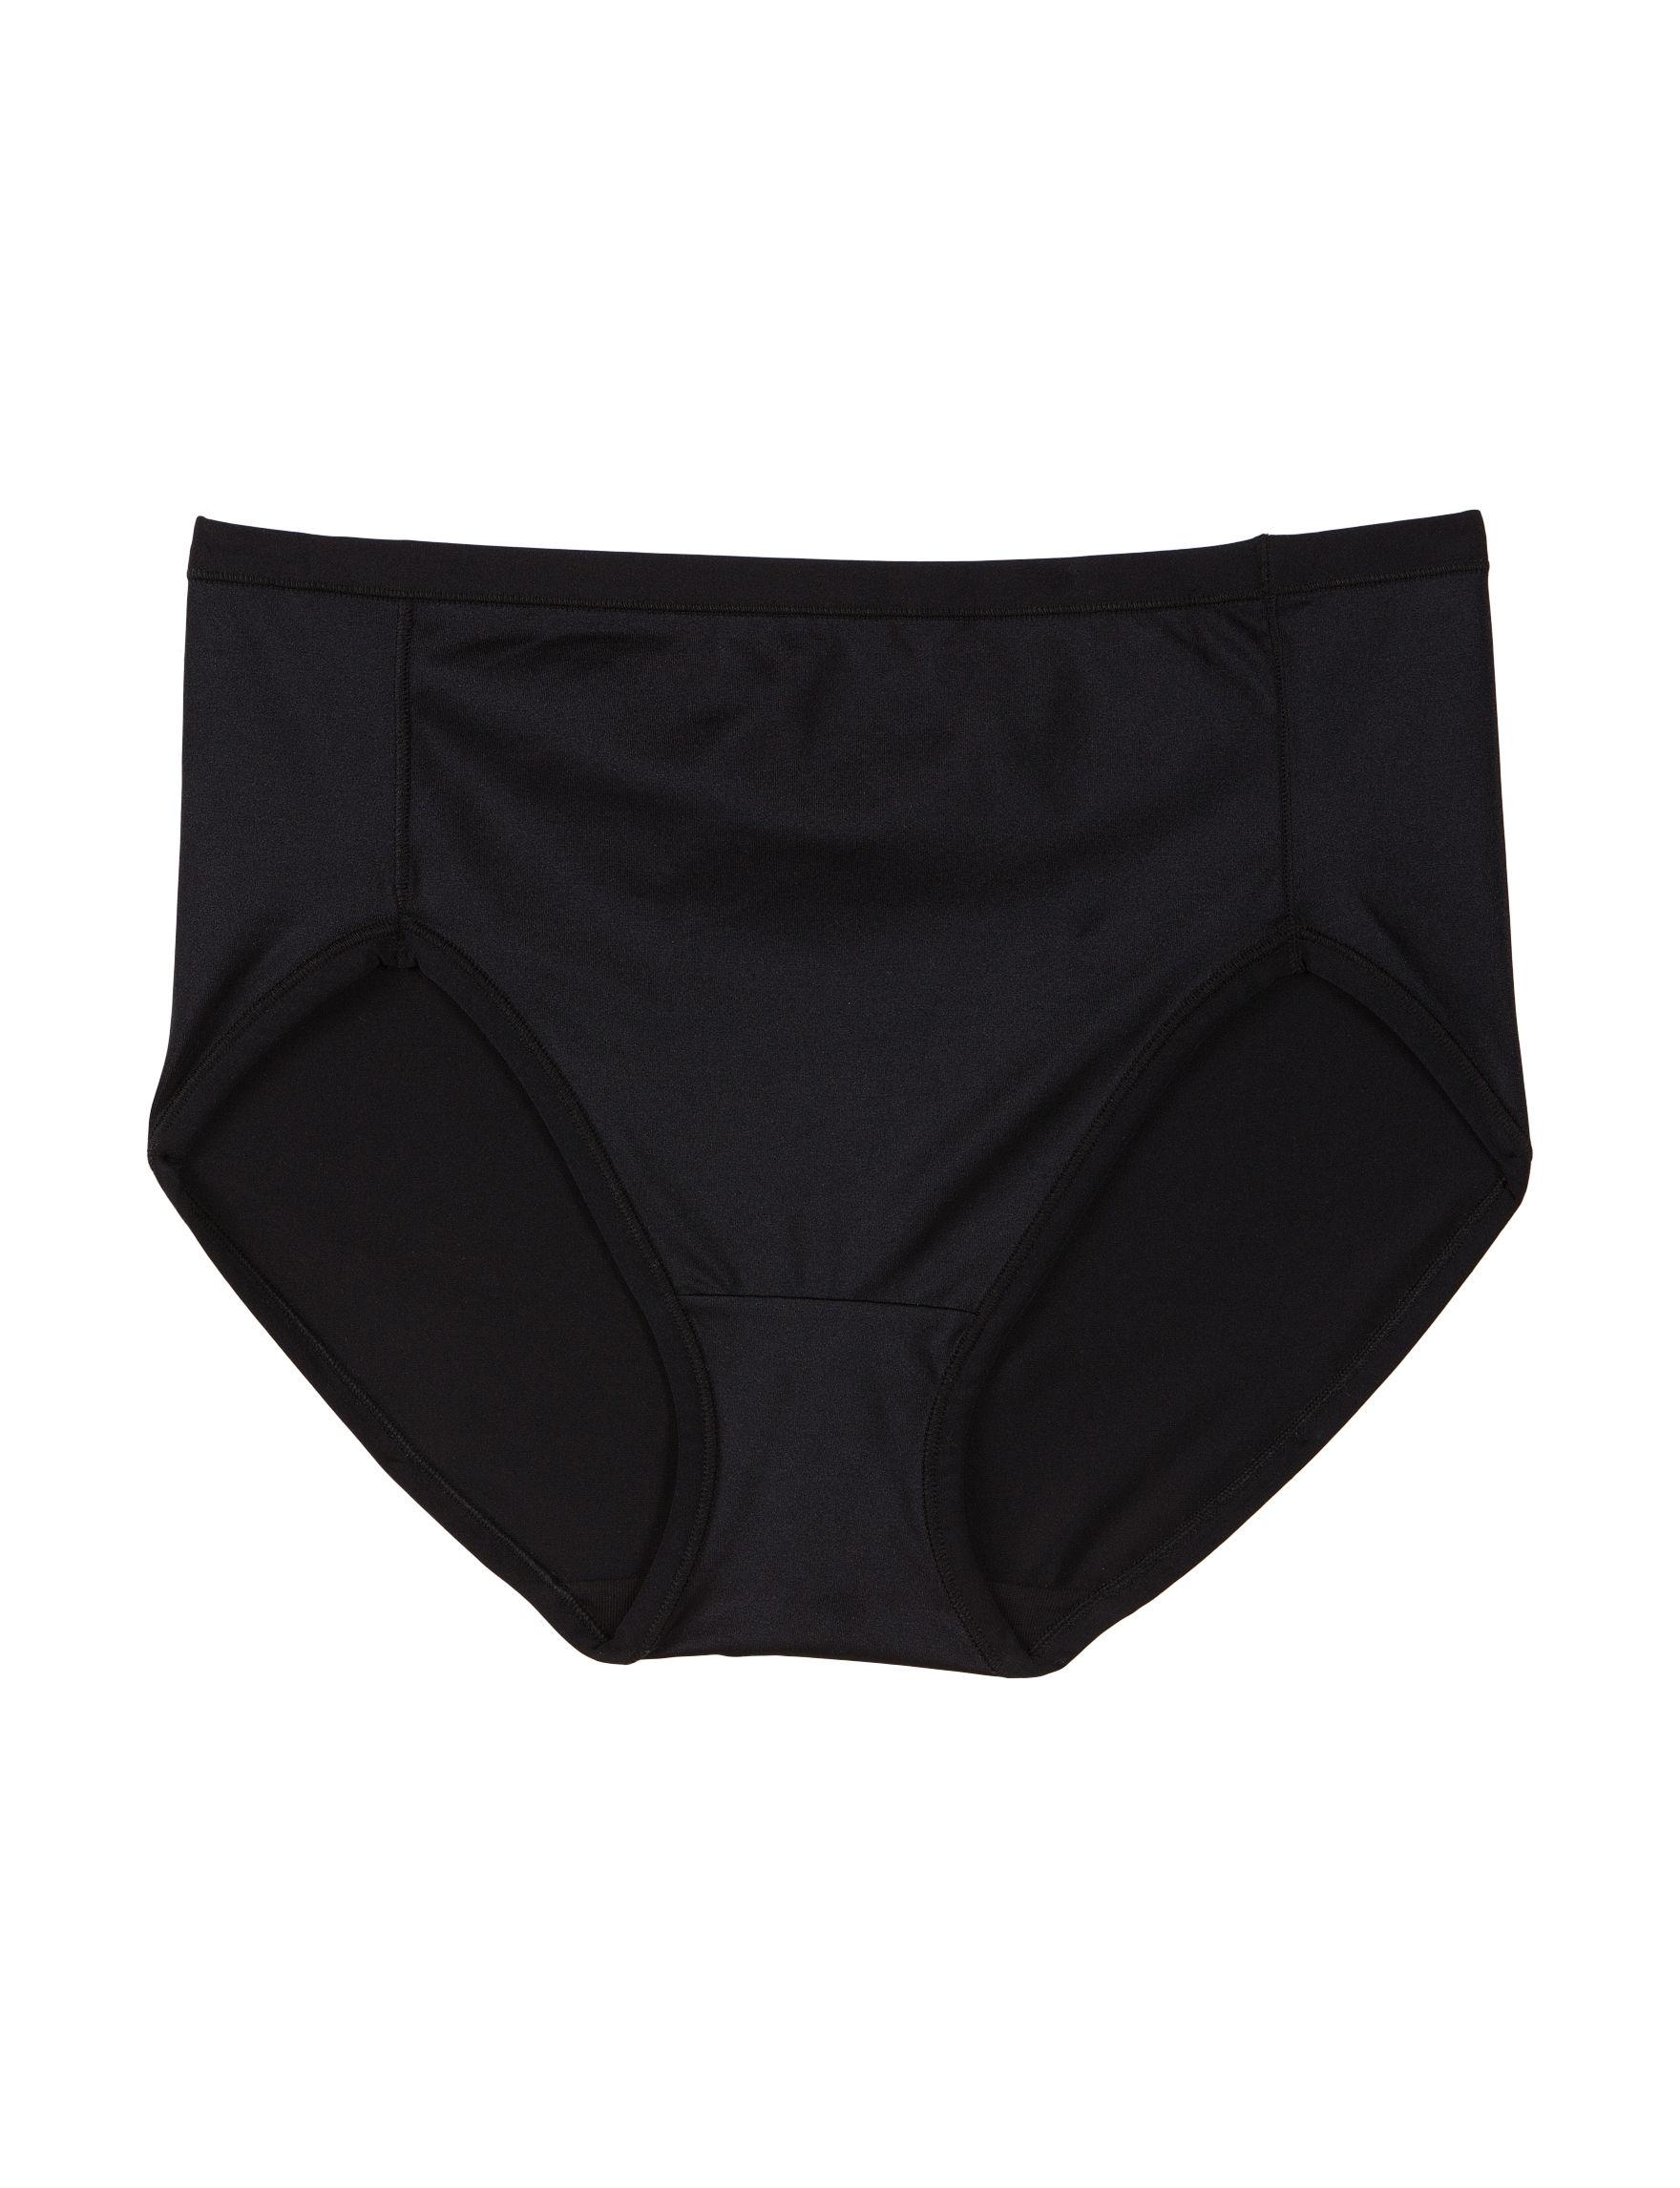 Ellen Tracy Black Panties Slimming